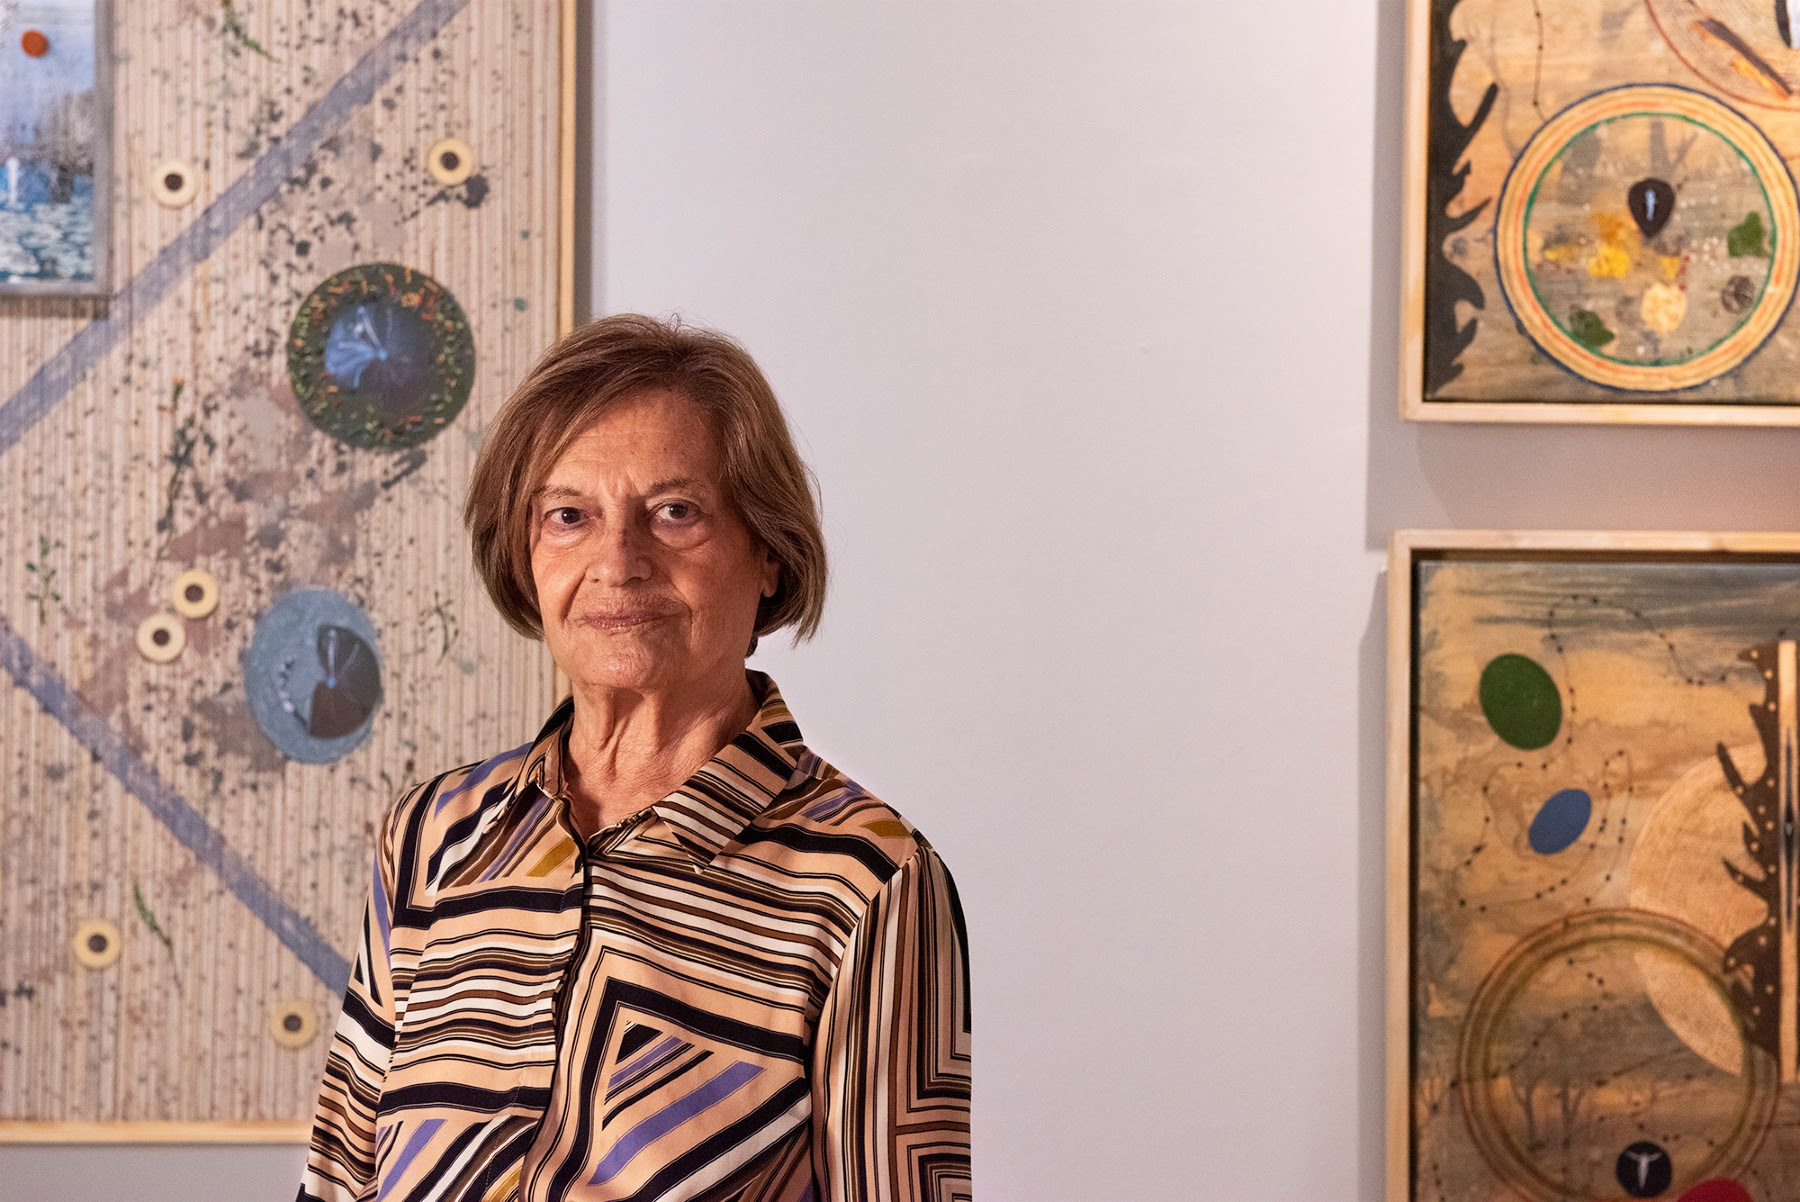 El arte poético de Teresa Gancedo toma la galería Odalys Madrid